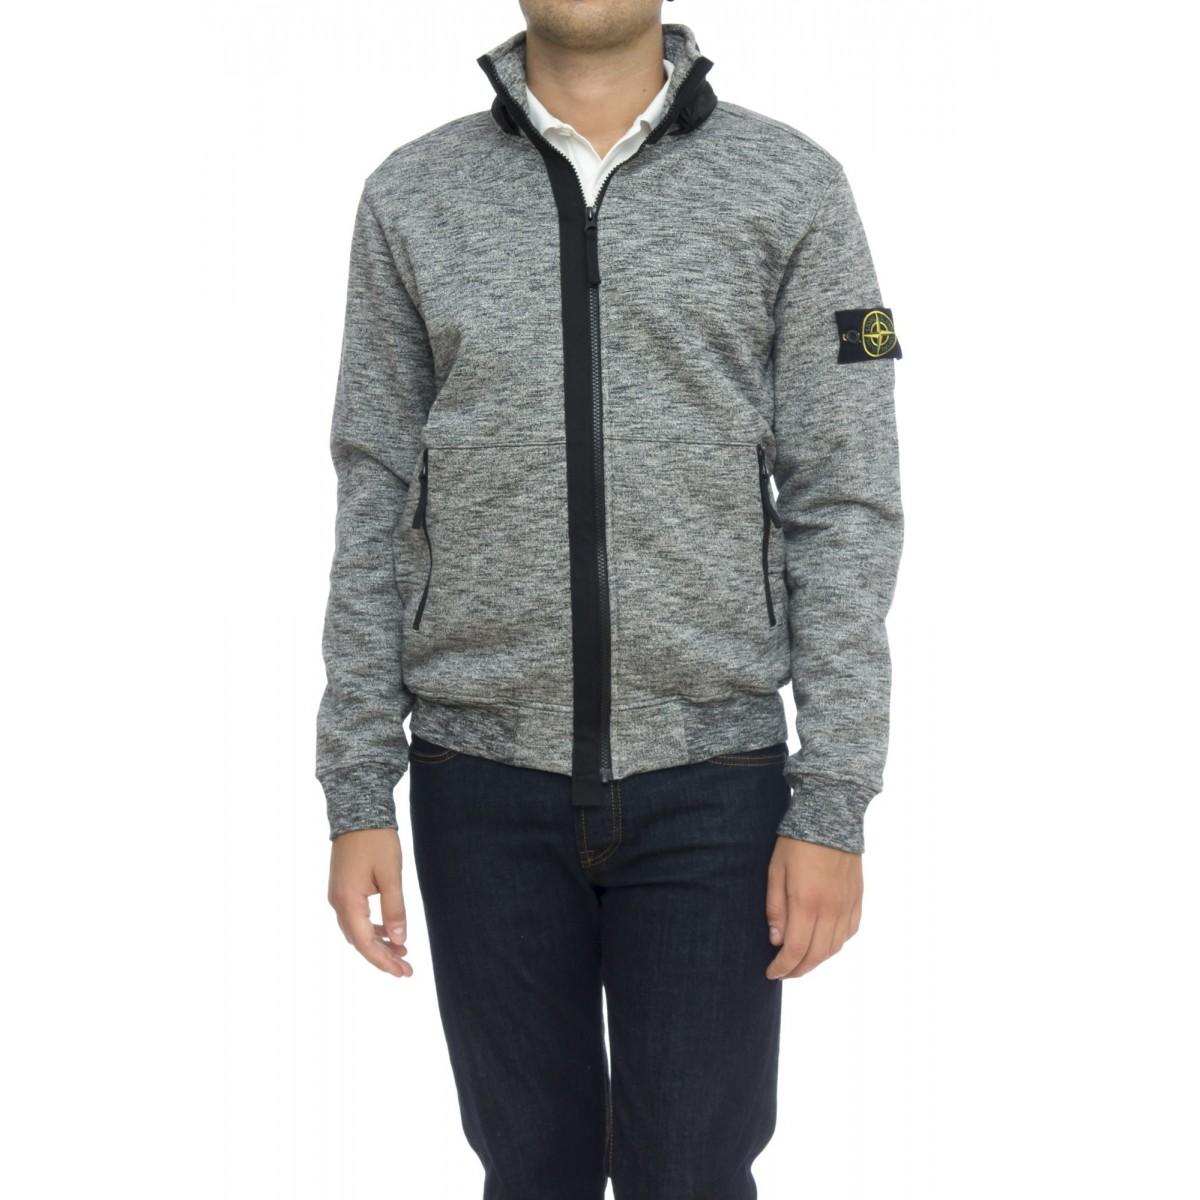 Felpa uomo - 63237 felpa full zip cappuccio nylon